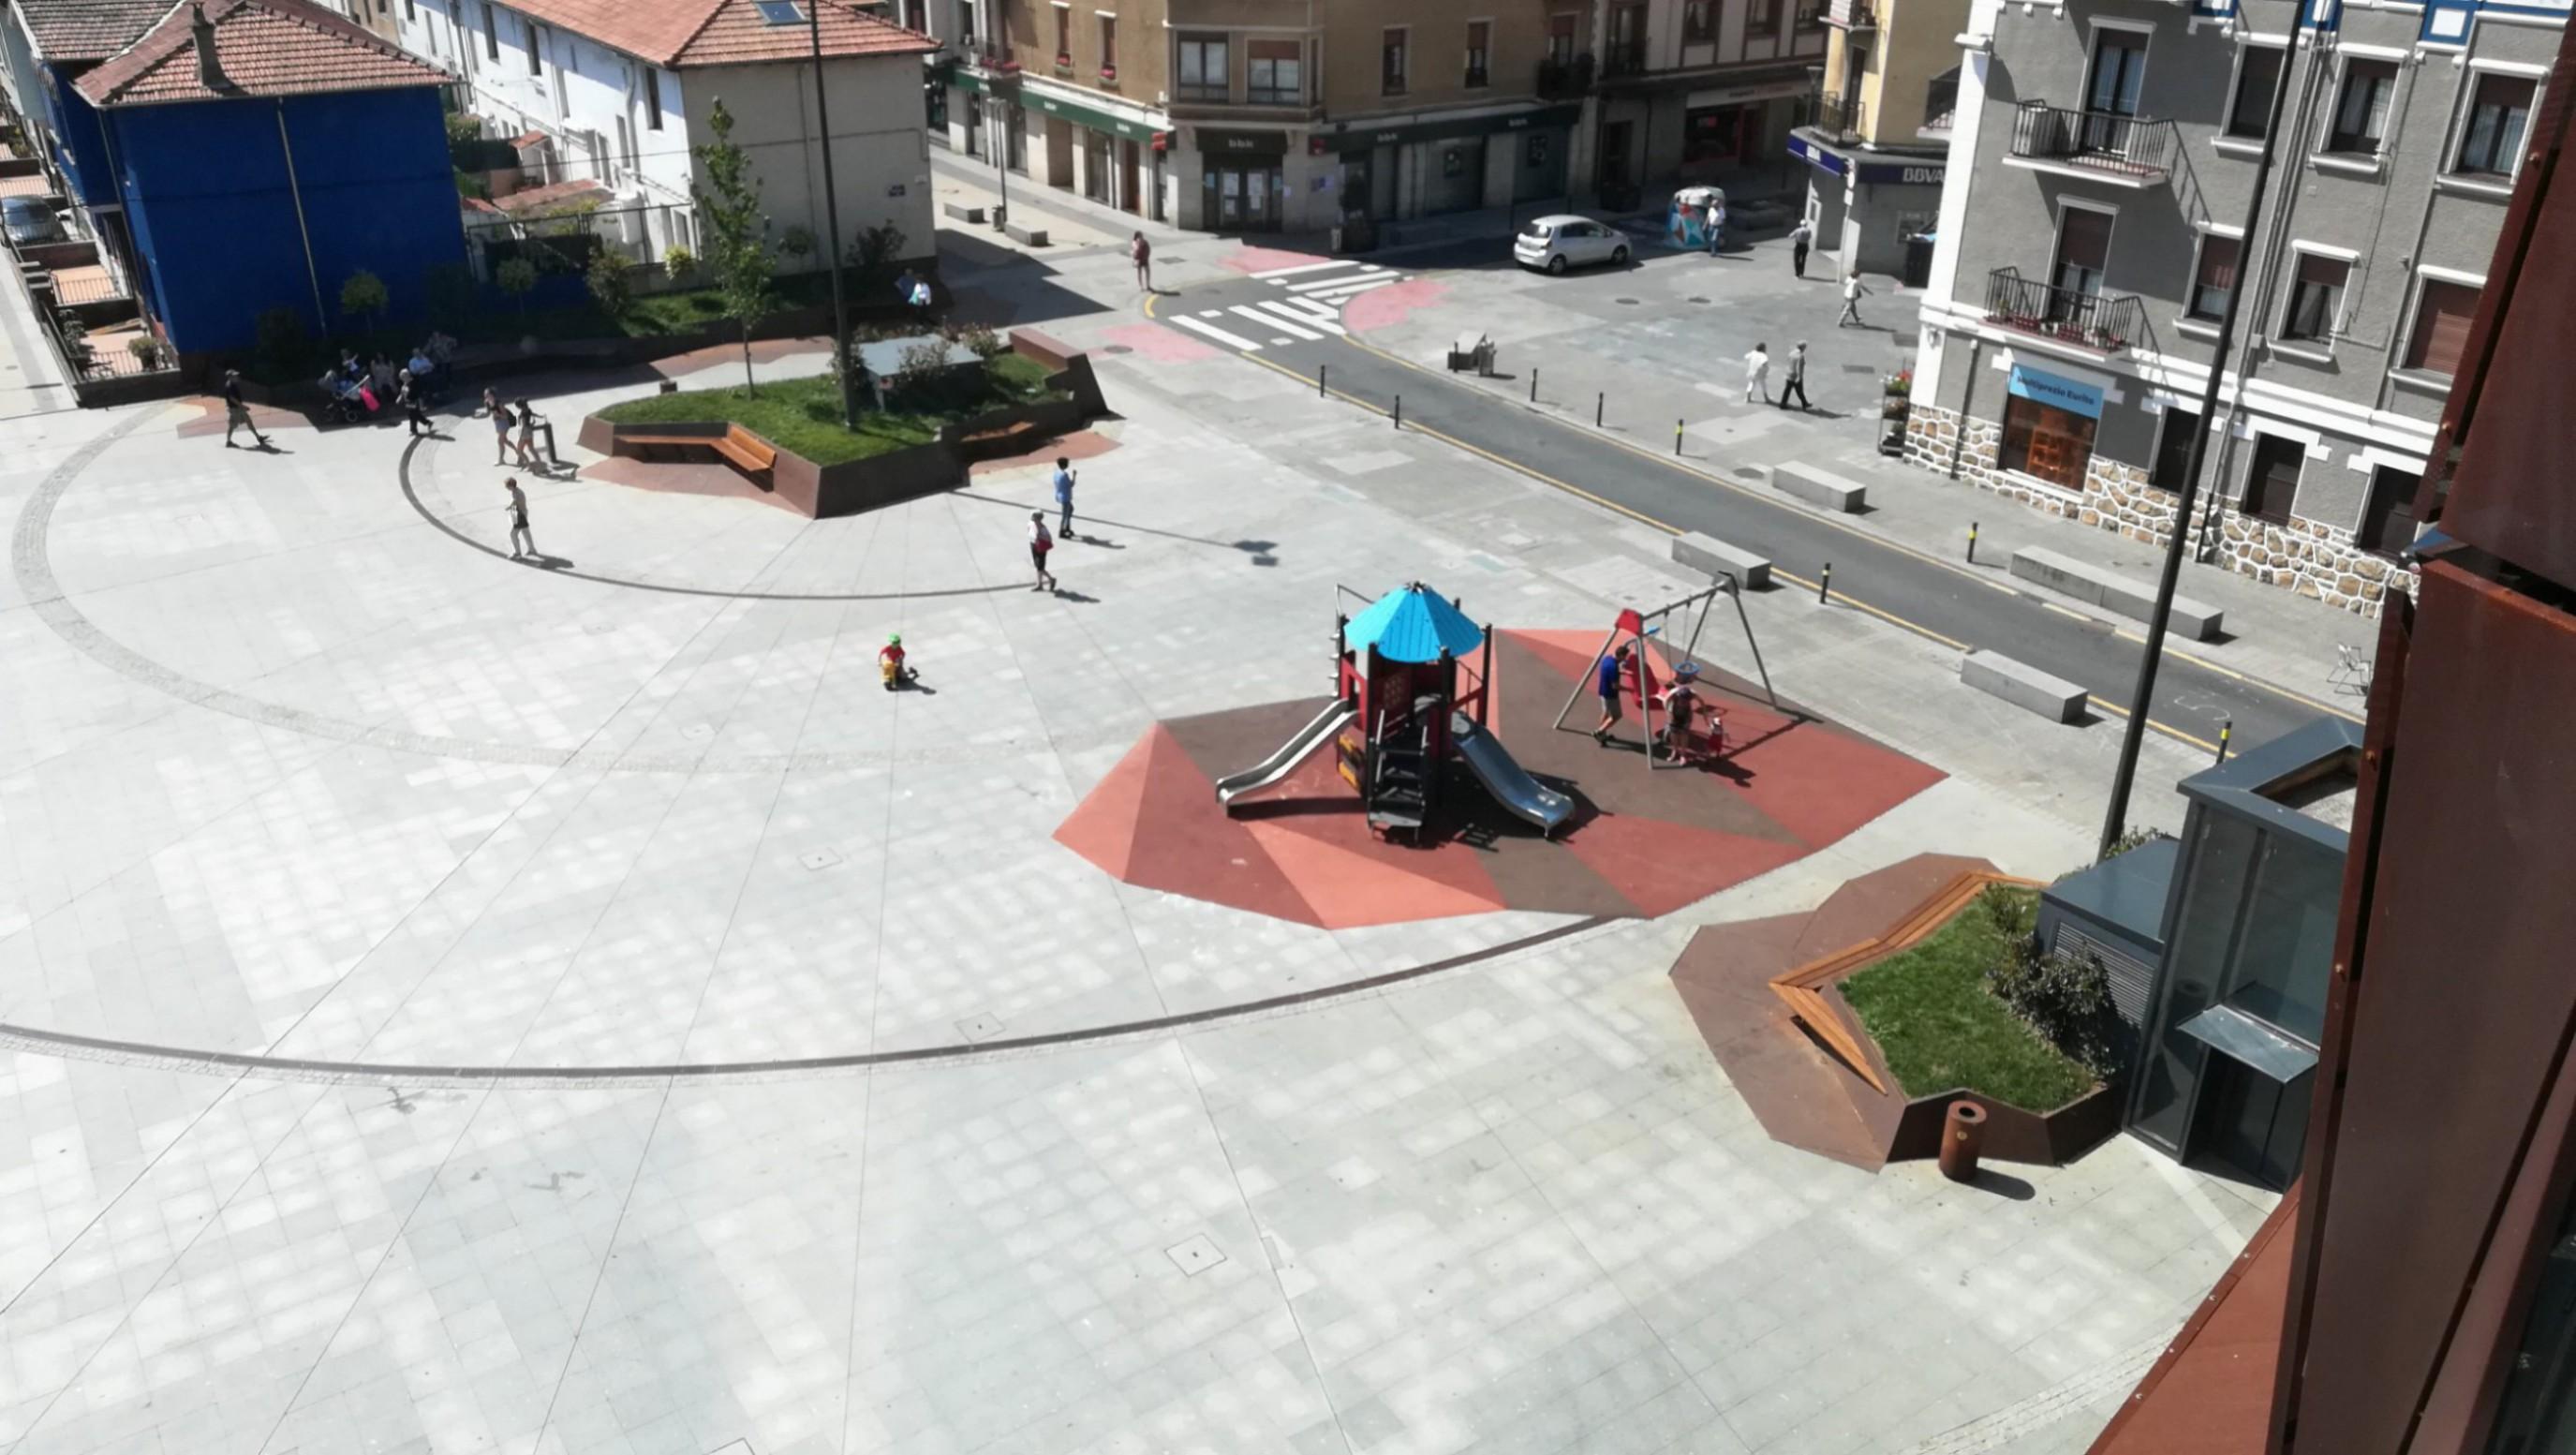 Plaza Vistas kultur etxea